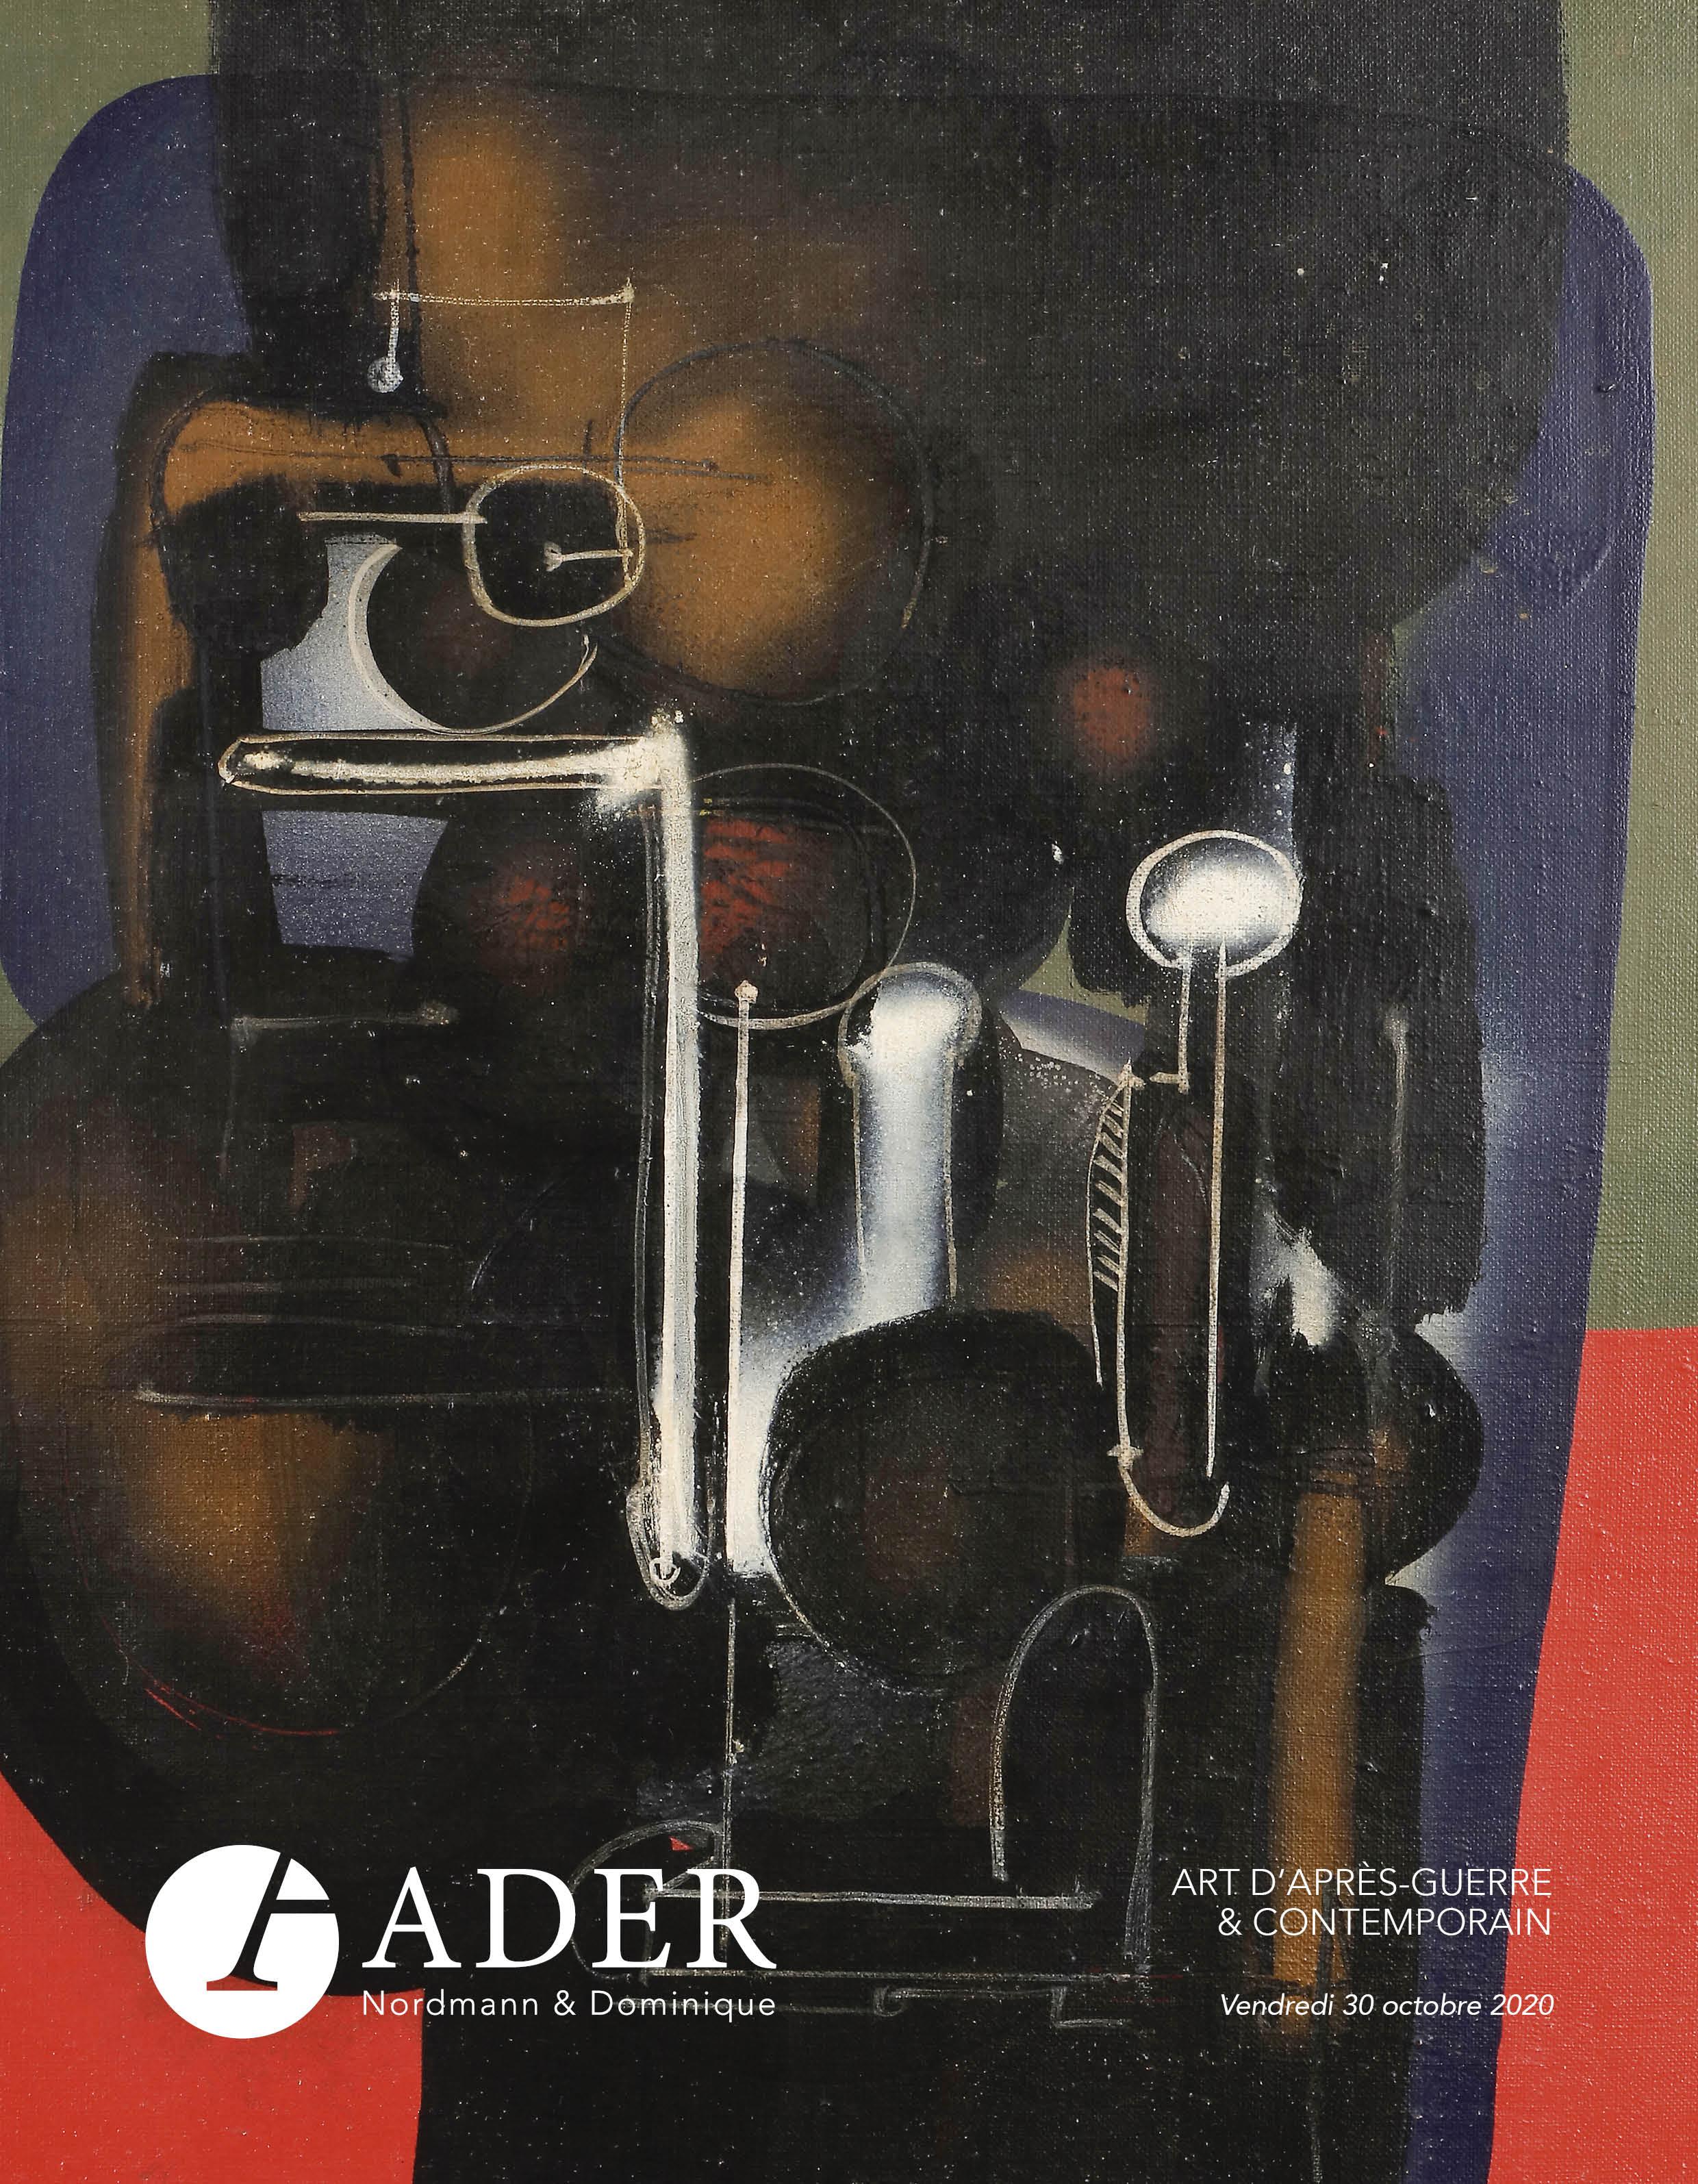 Vente Art d'Après-Guerre et Contemporain chez Ader : 224 lots